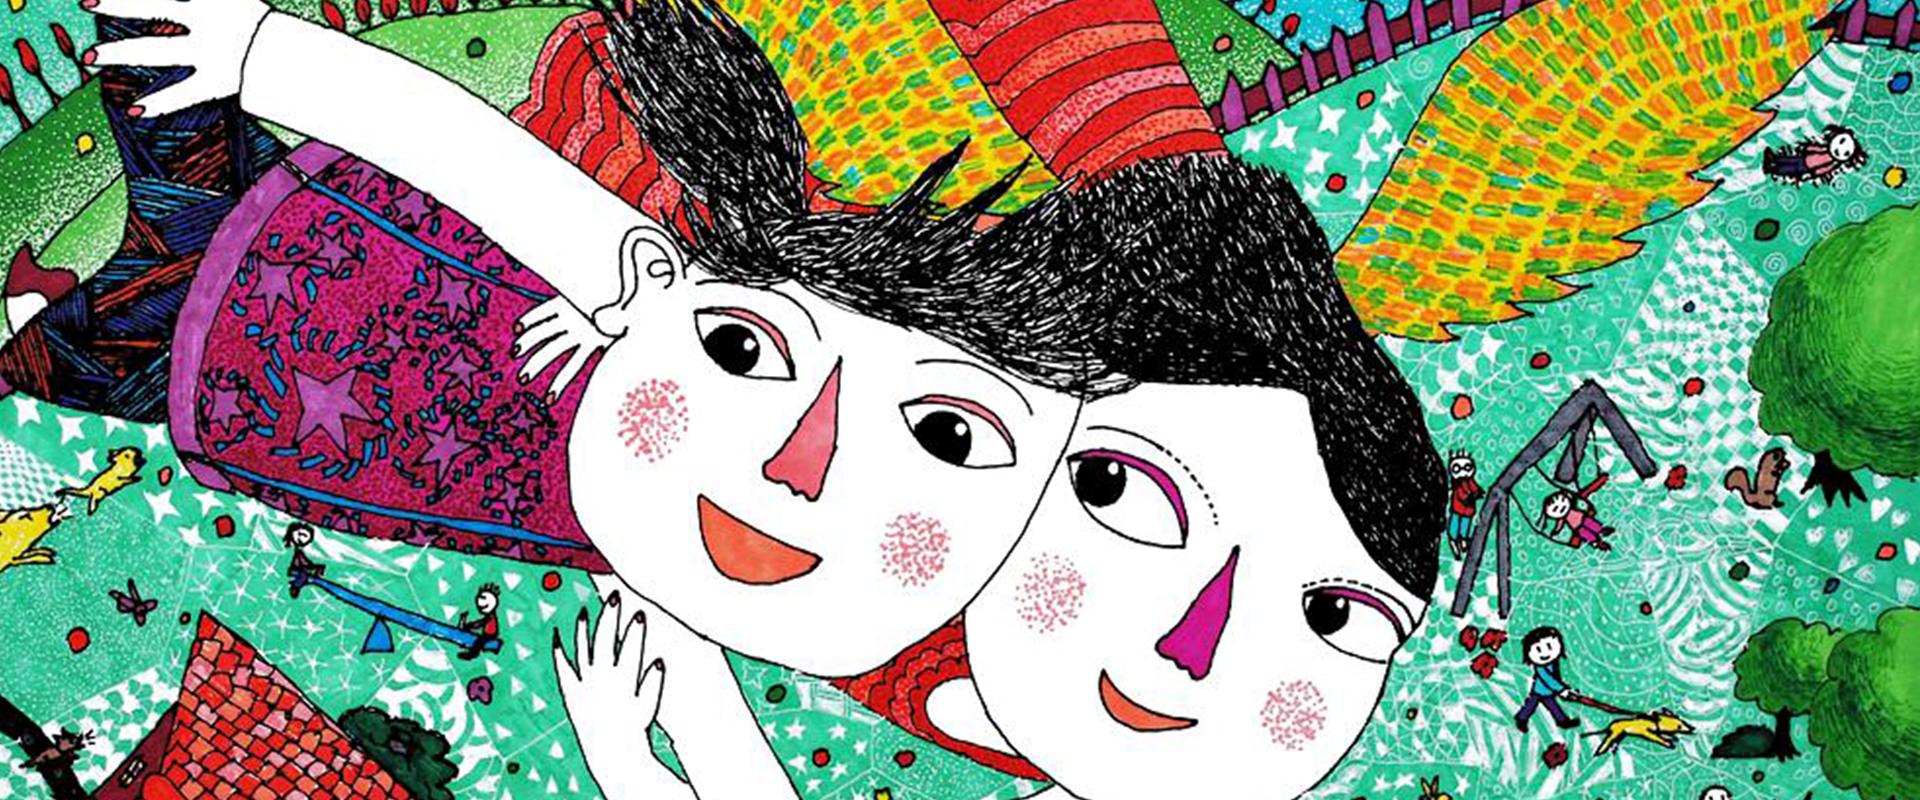 Children's Art Festival: Flower